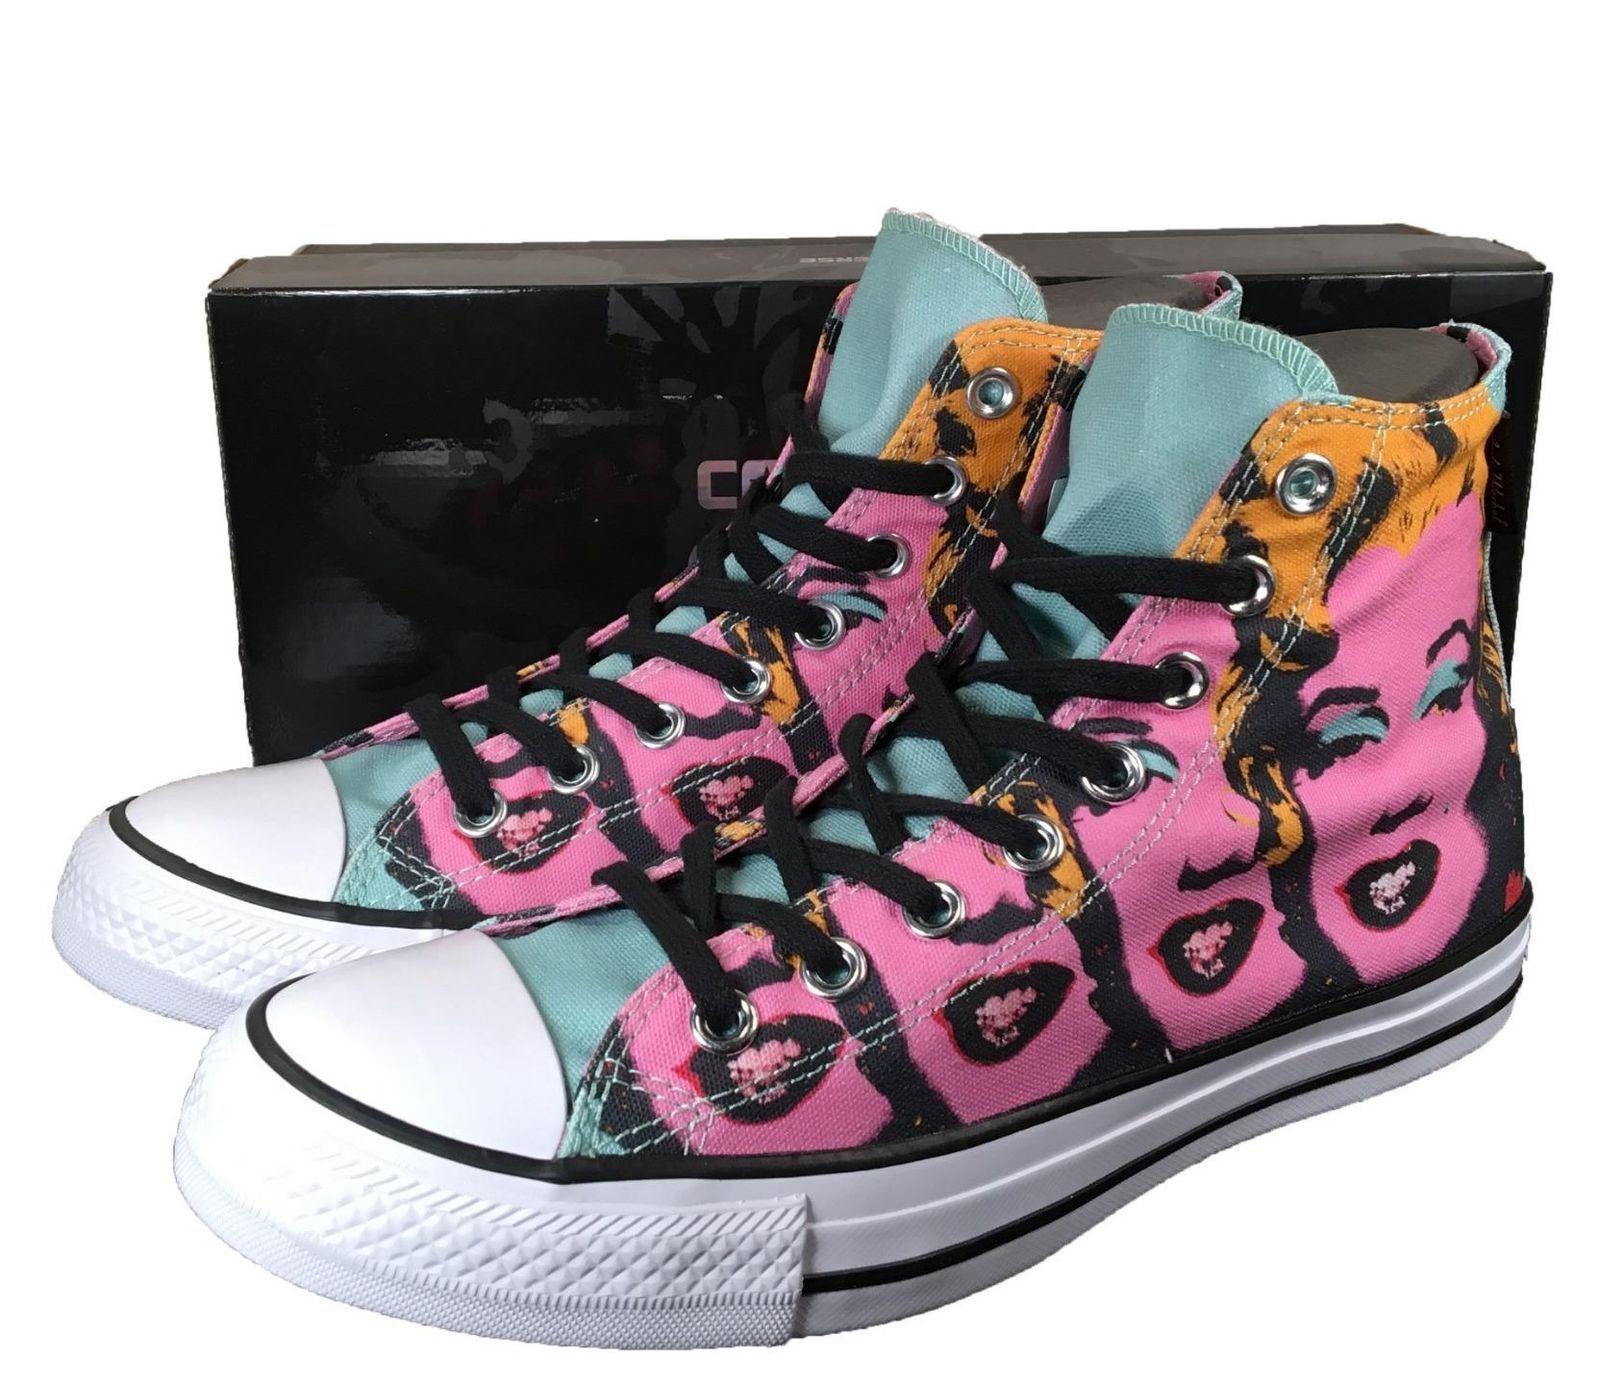 Converse Andy Warhol Chuck Taylor Lo Ox